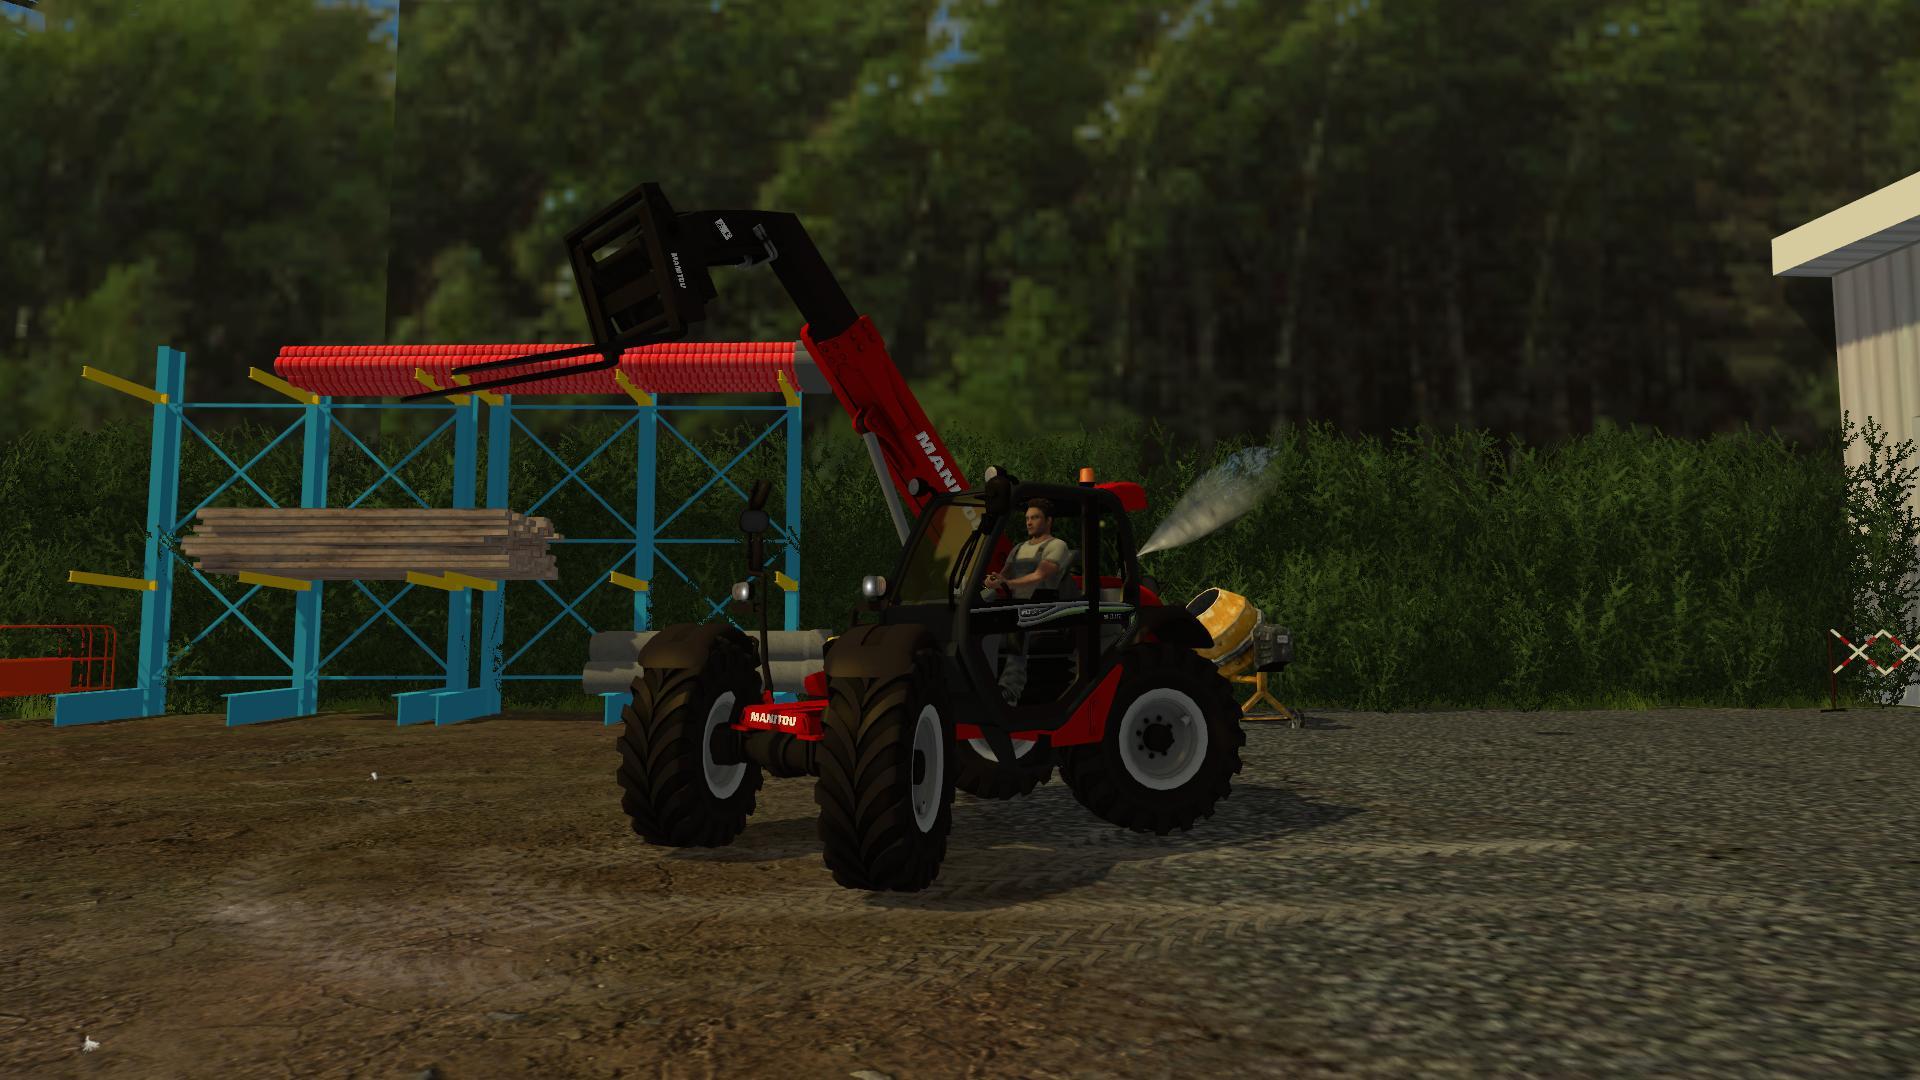 Farming simulator 17 - FS17 mods - FarmingSimulator17 com